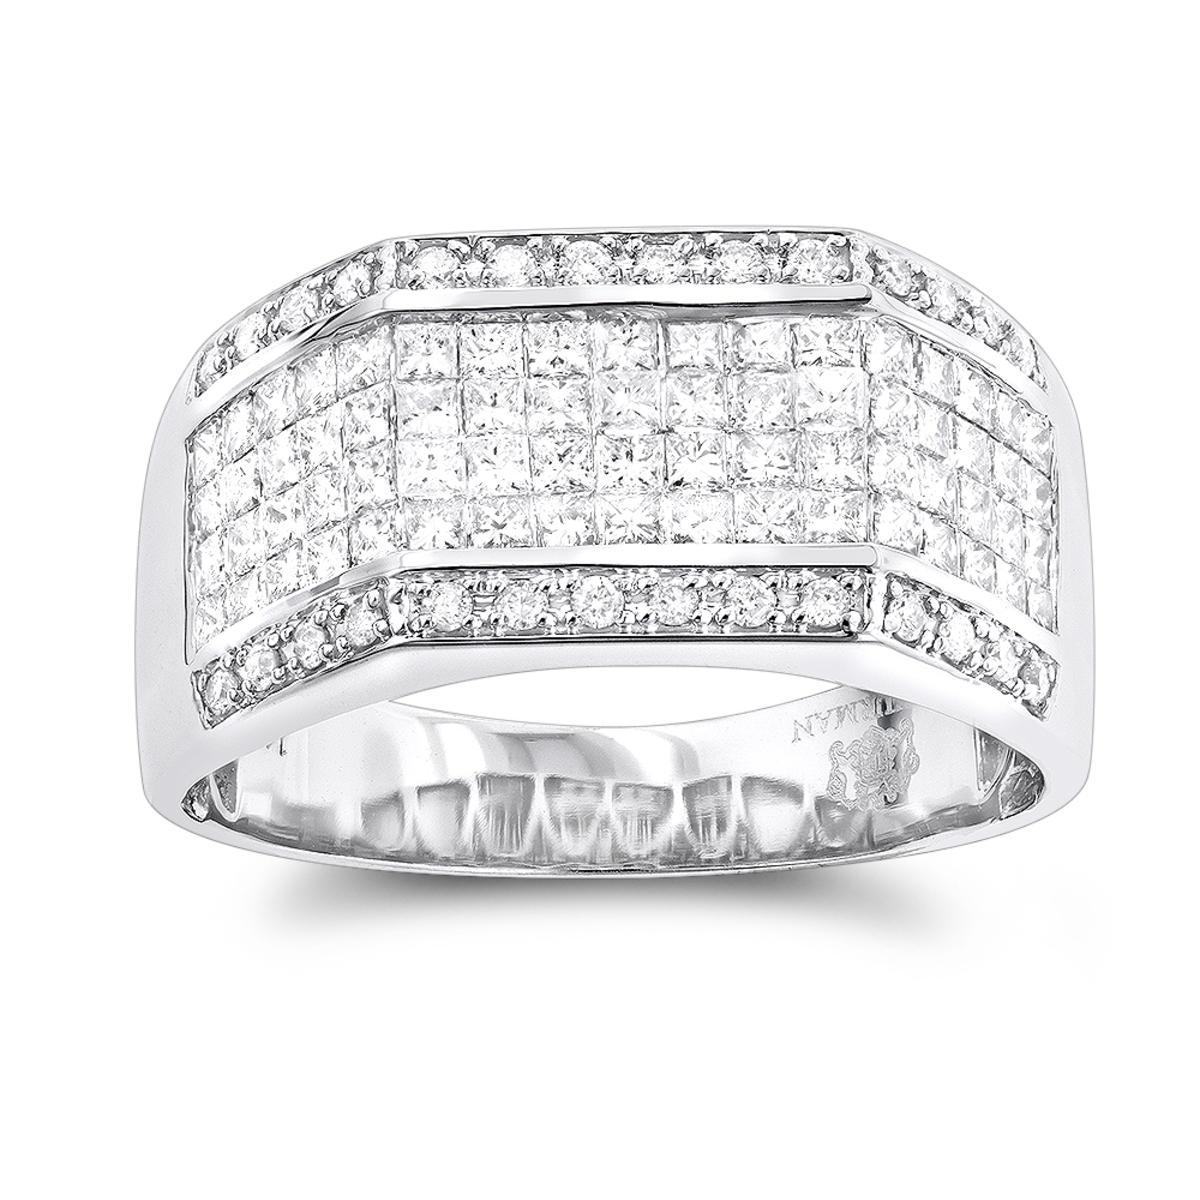 Mens Diamond Rings 14K Round Princess Diamond Ring 2.52